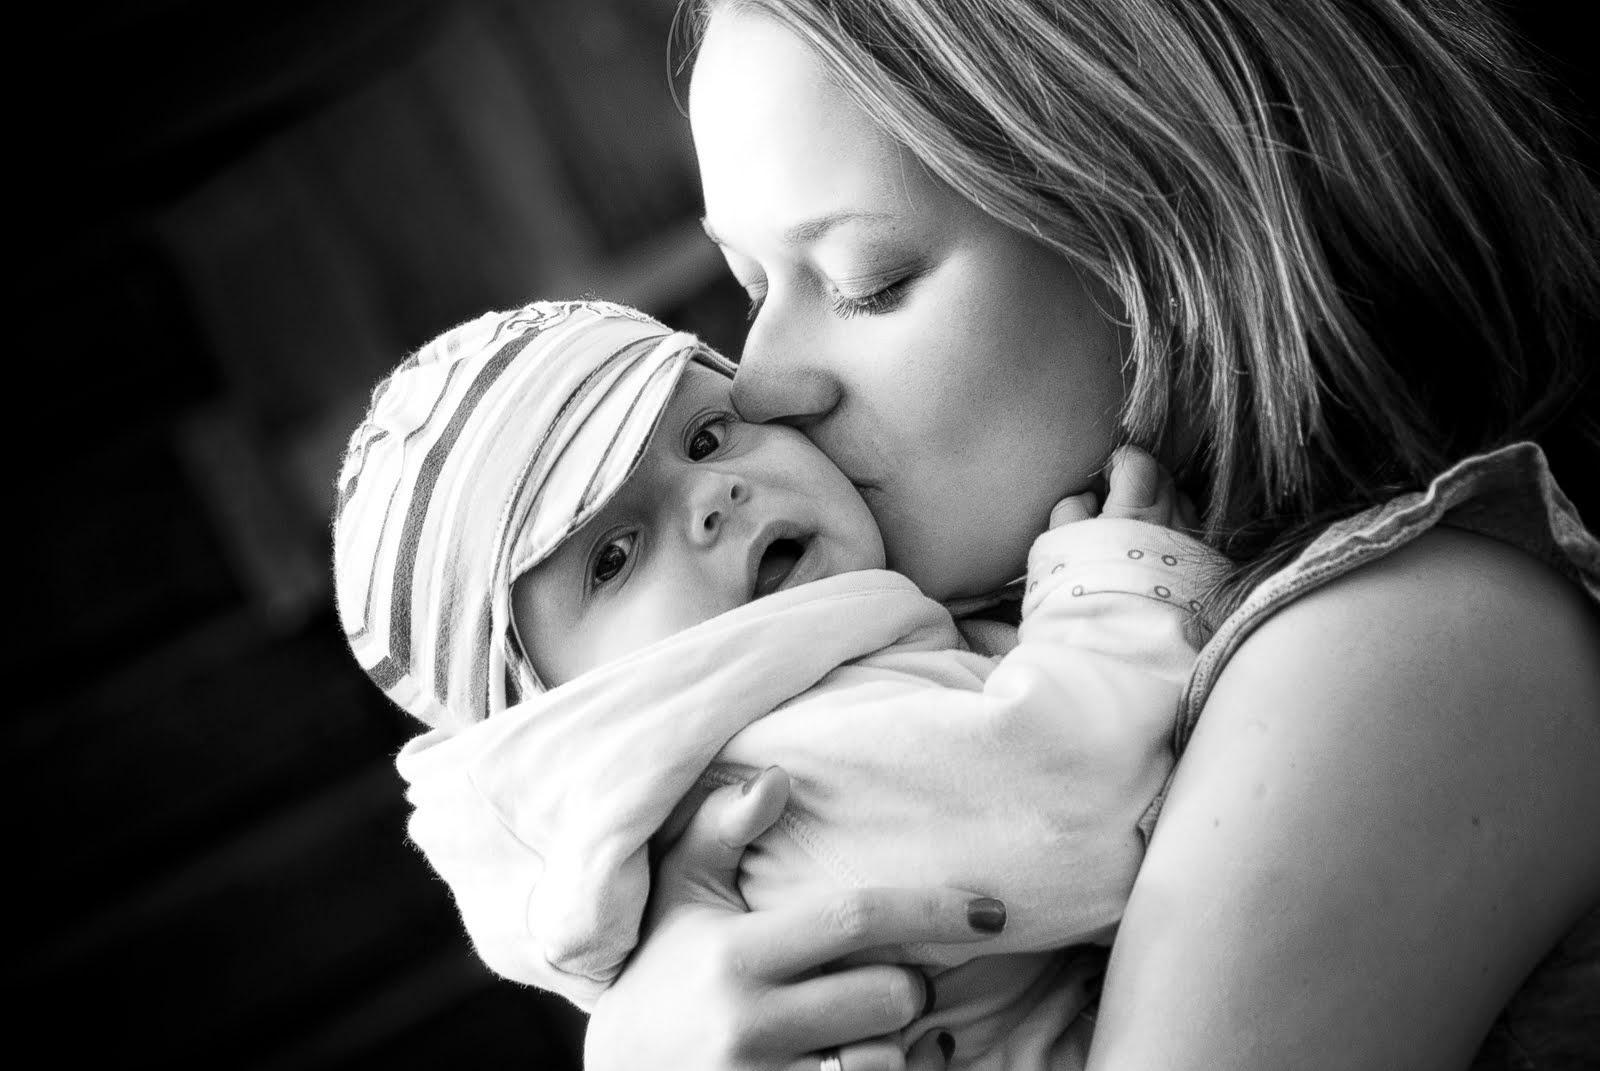 Ένα άρθρο με νόημα...η μητέρα είναι το λίκνο της ζωής! Διαβάστε το αξίζει!